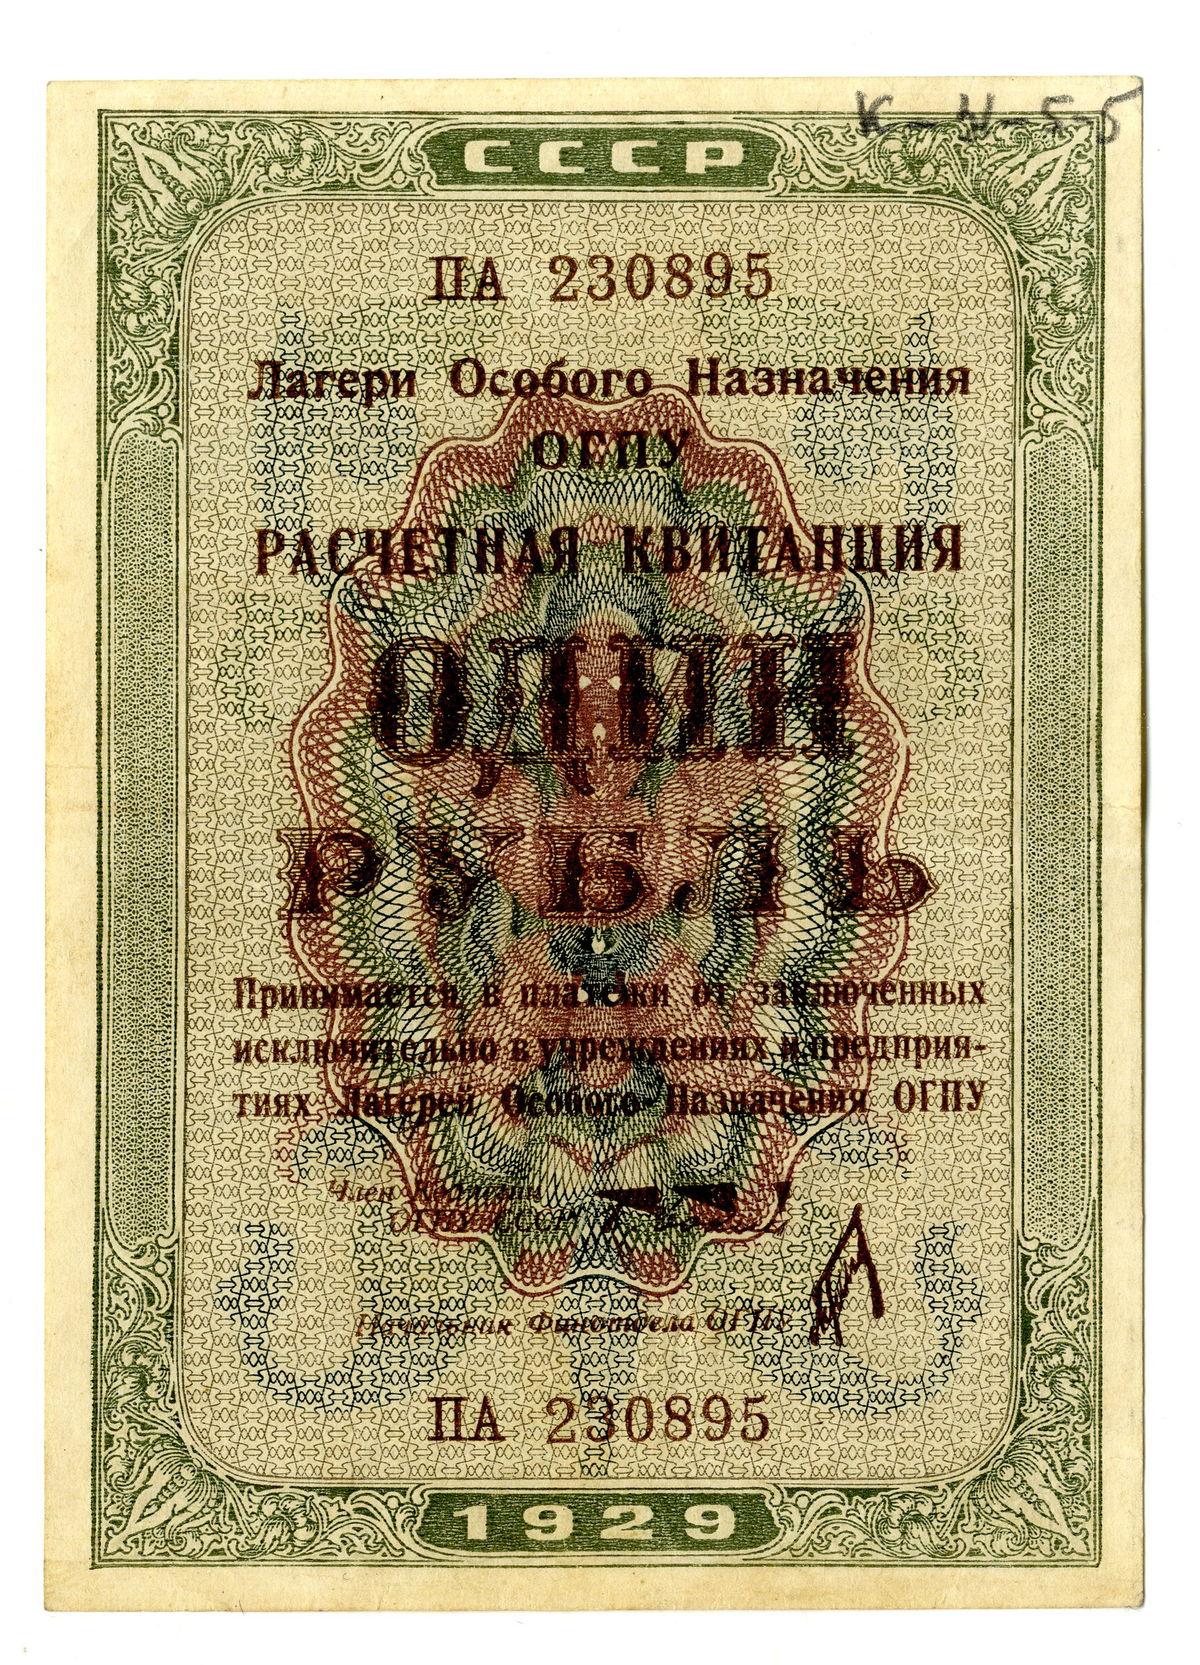 Лицевая сторона расчетной квитанции лагерей особого назначения ОГПУ номиналом в 1 рубль.